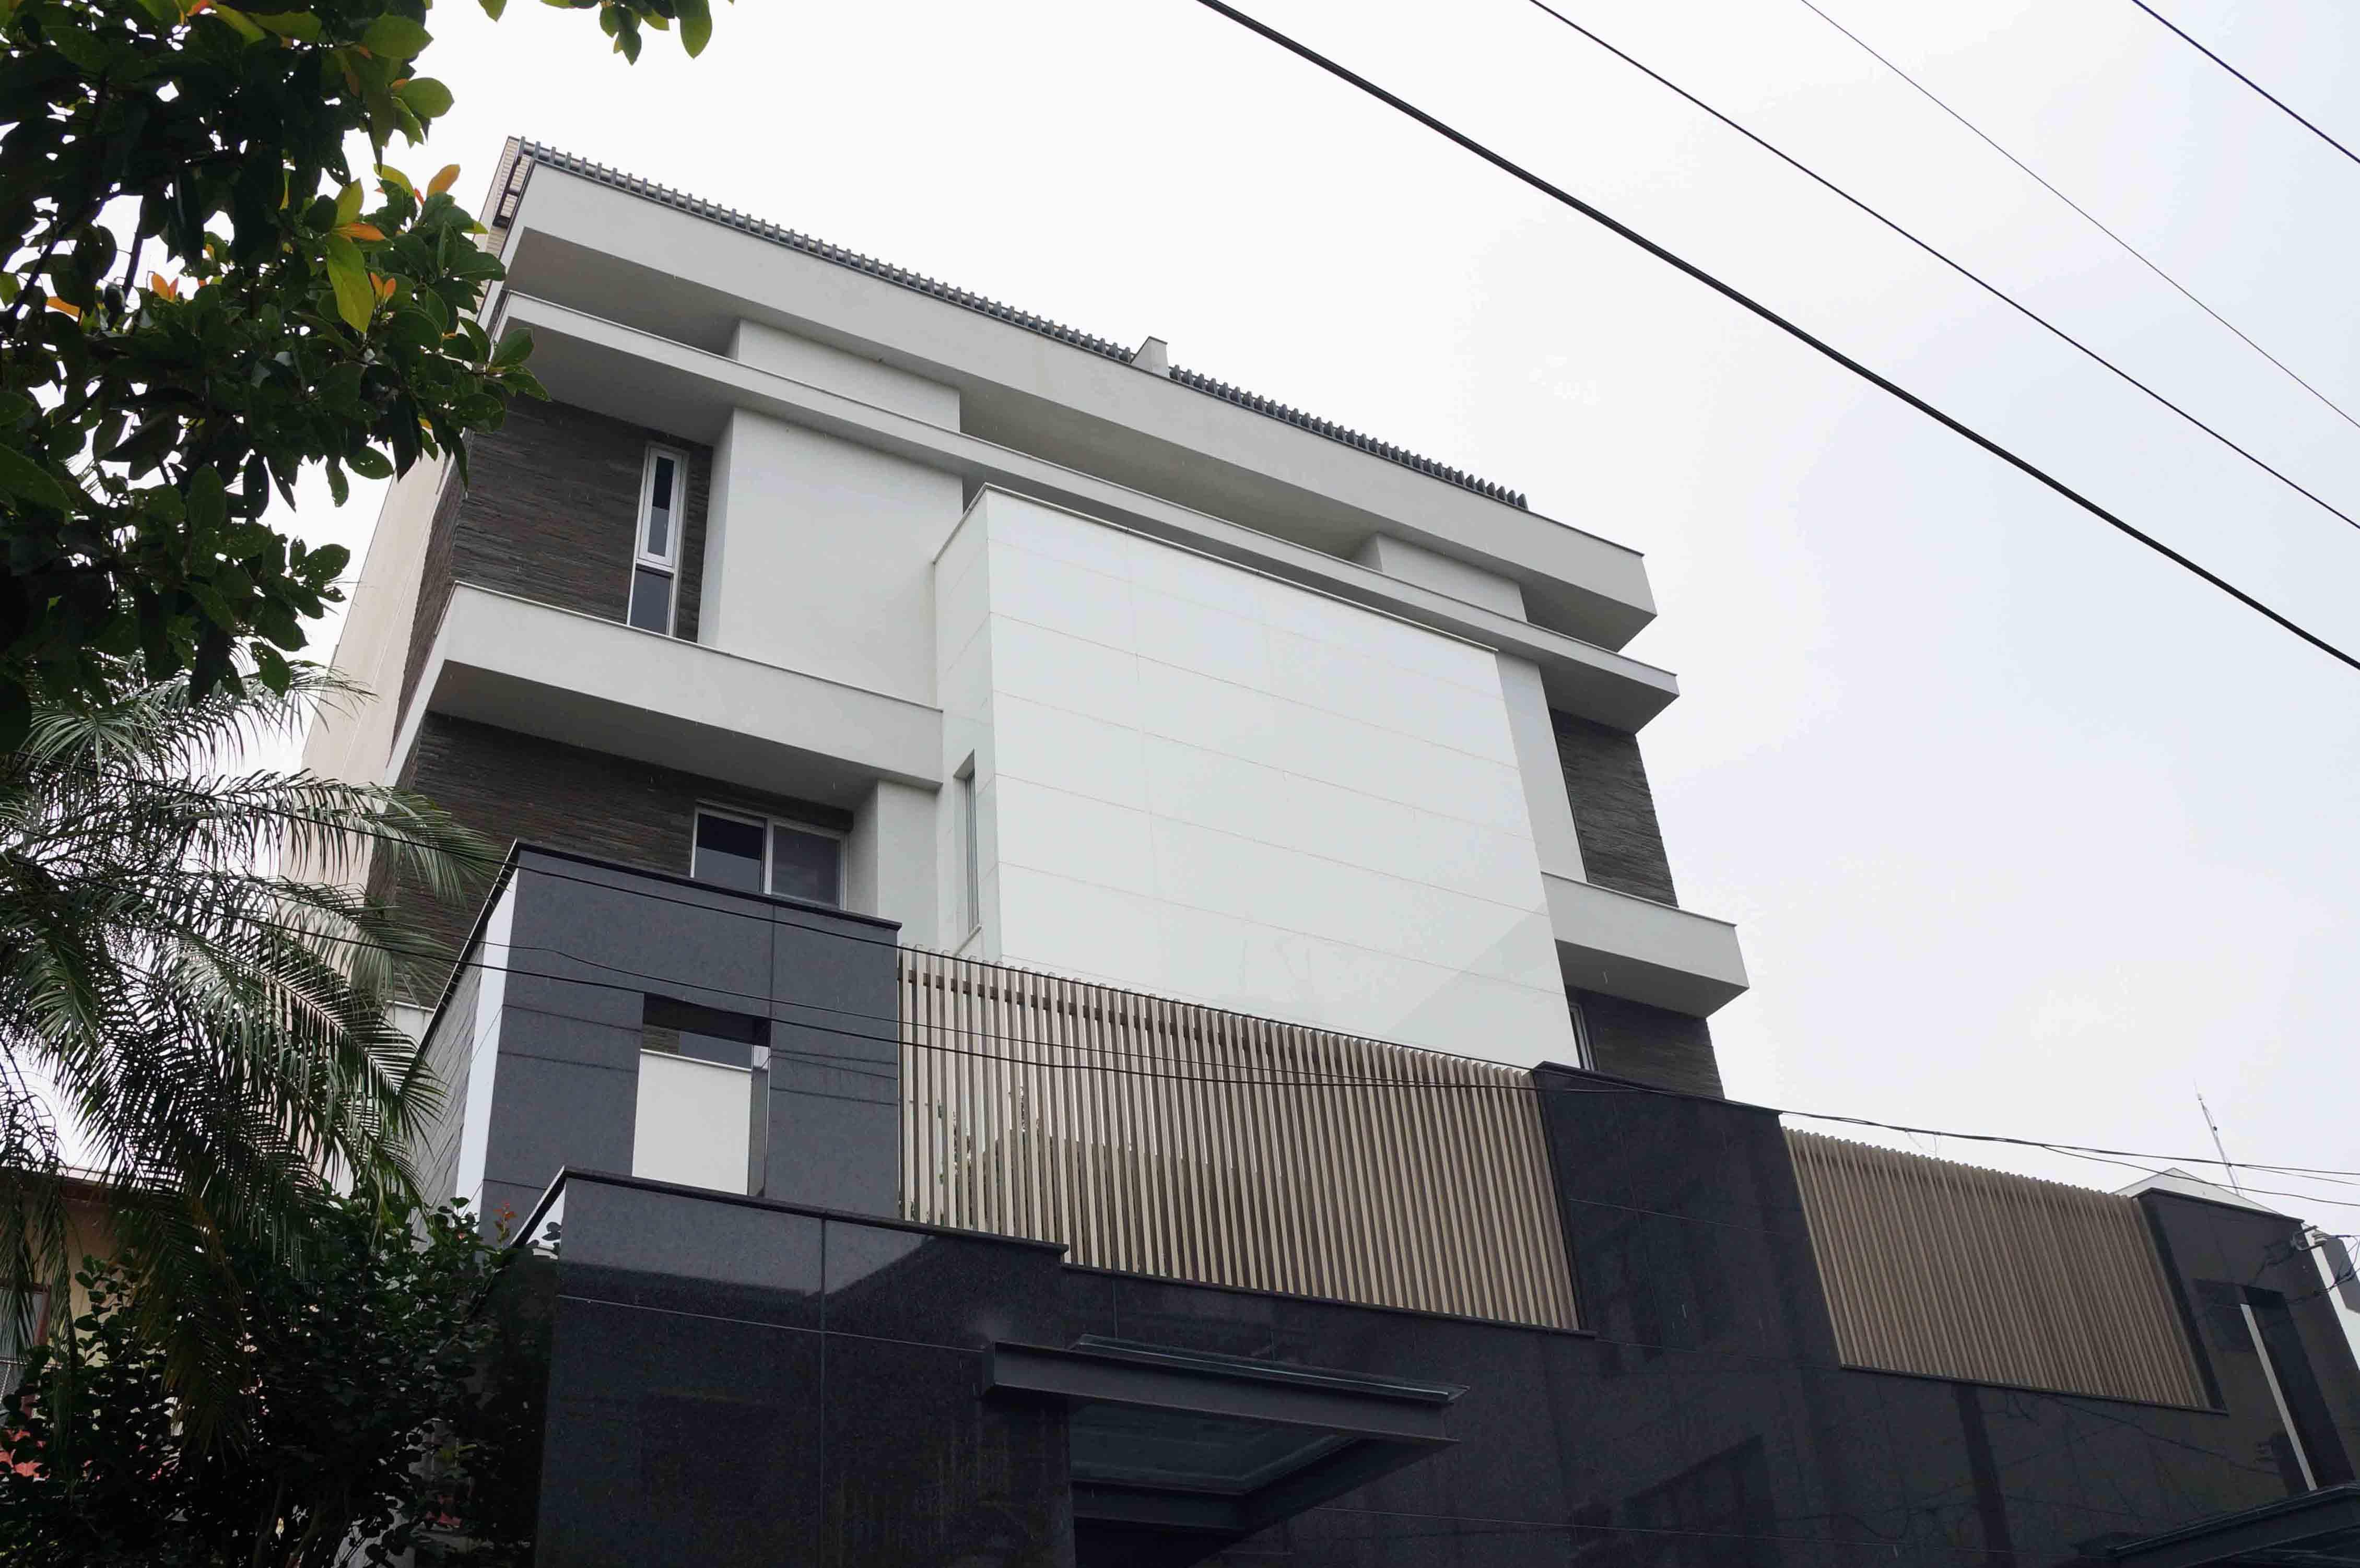 圖片:『百富一品』靜謐品味大宅|百富開發|嘉義東區成屋電梯別墅推薦|